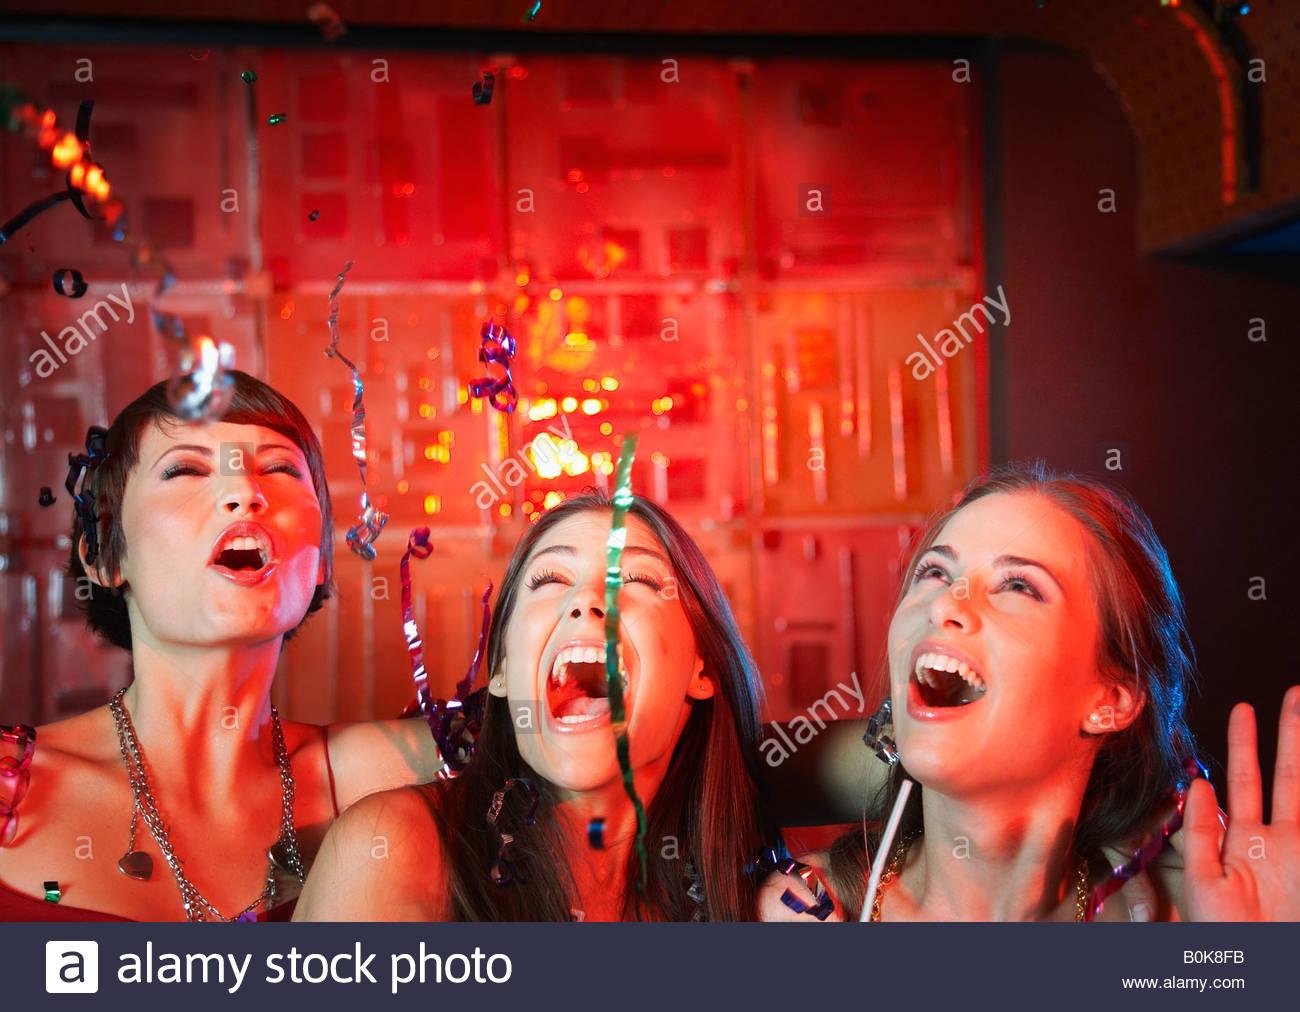 Drei Frauen in einem Nachtclub, tranken und lachten Stockbild